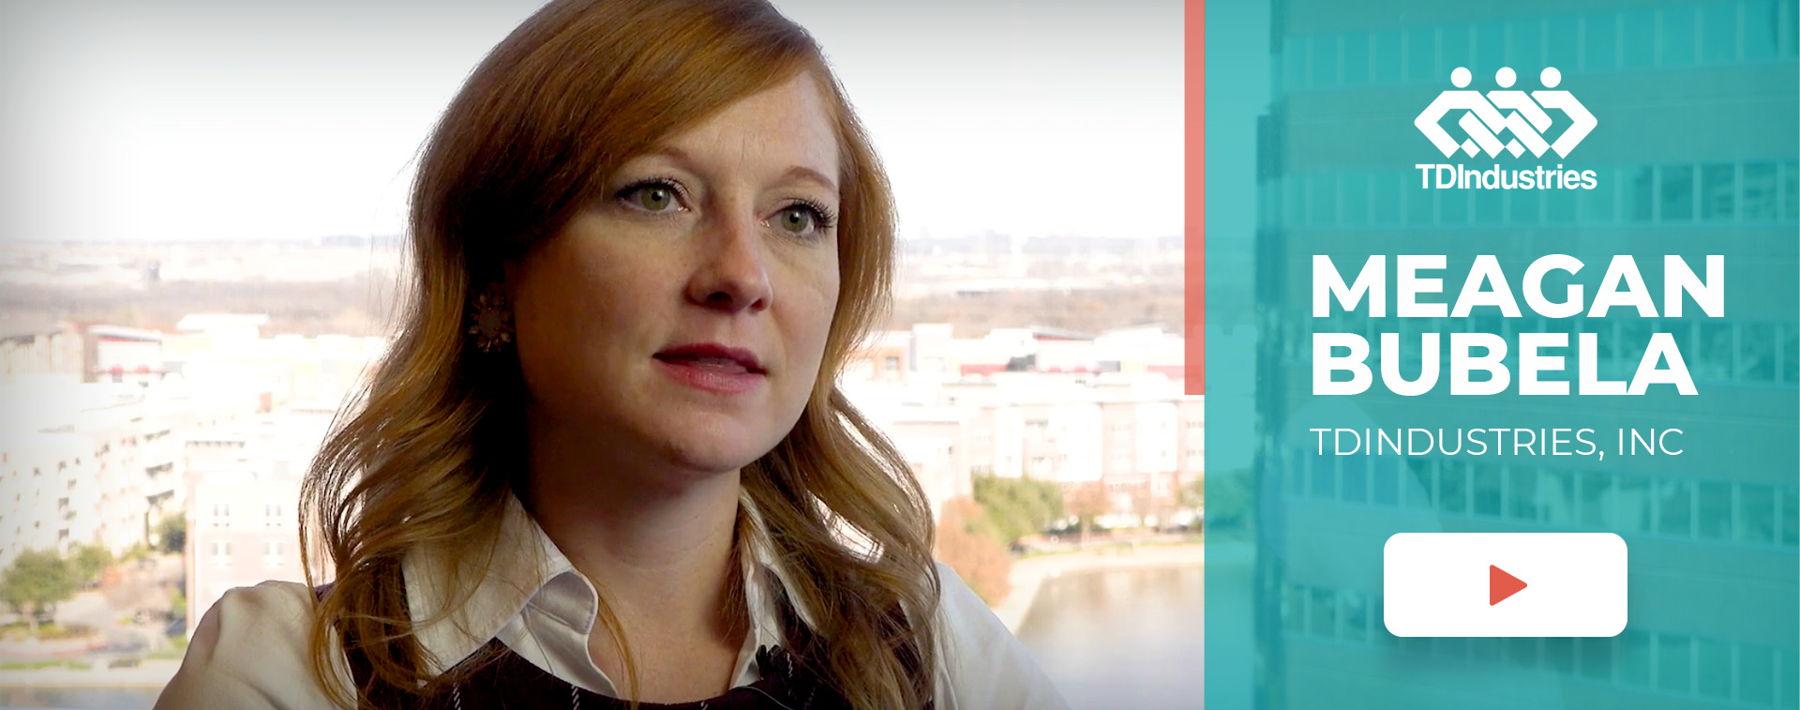 Image of TD Industries speaking in a testimonial video